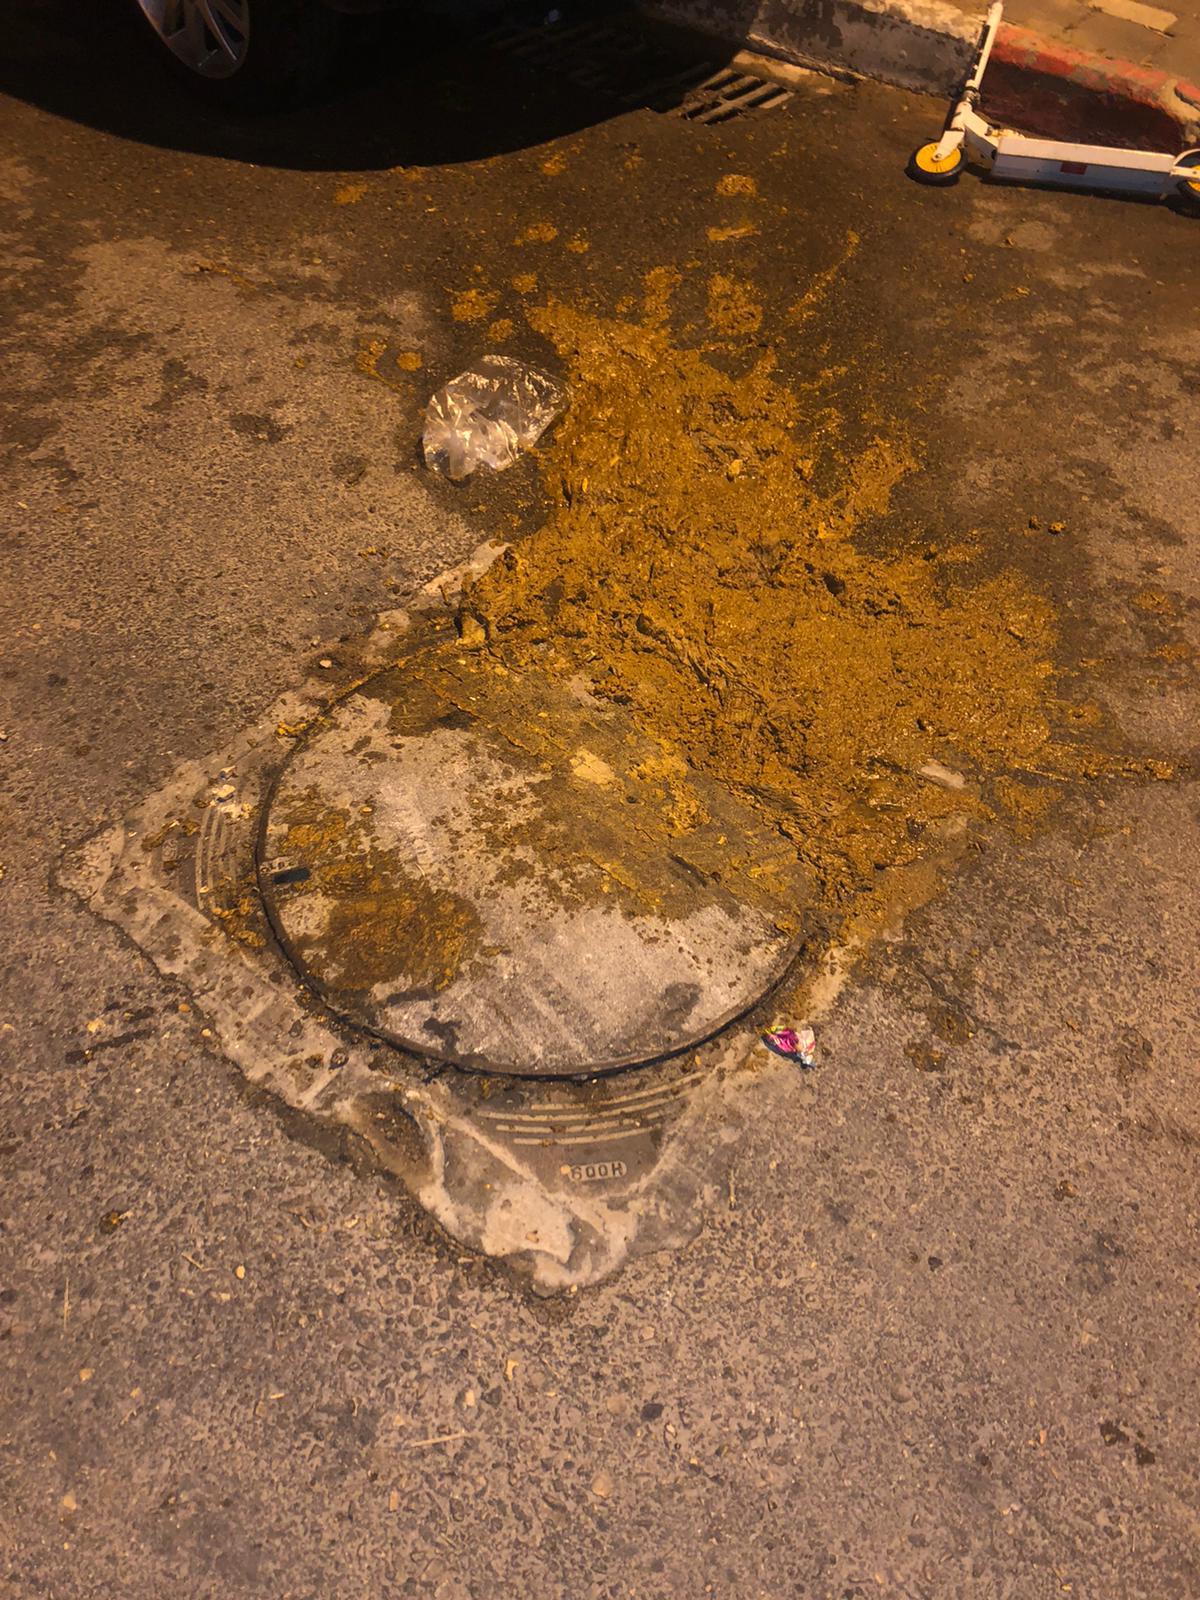 פתיחת סתימה ושטיפת קו ראשי ברחוב שני במודיעין מכבים רעות.